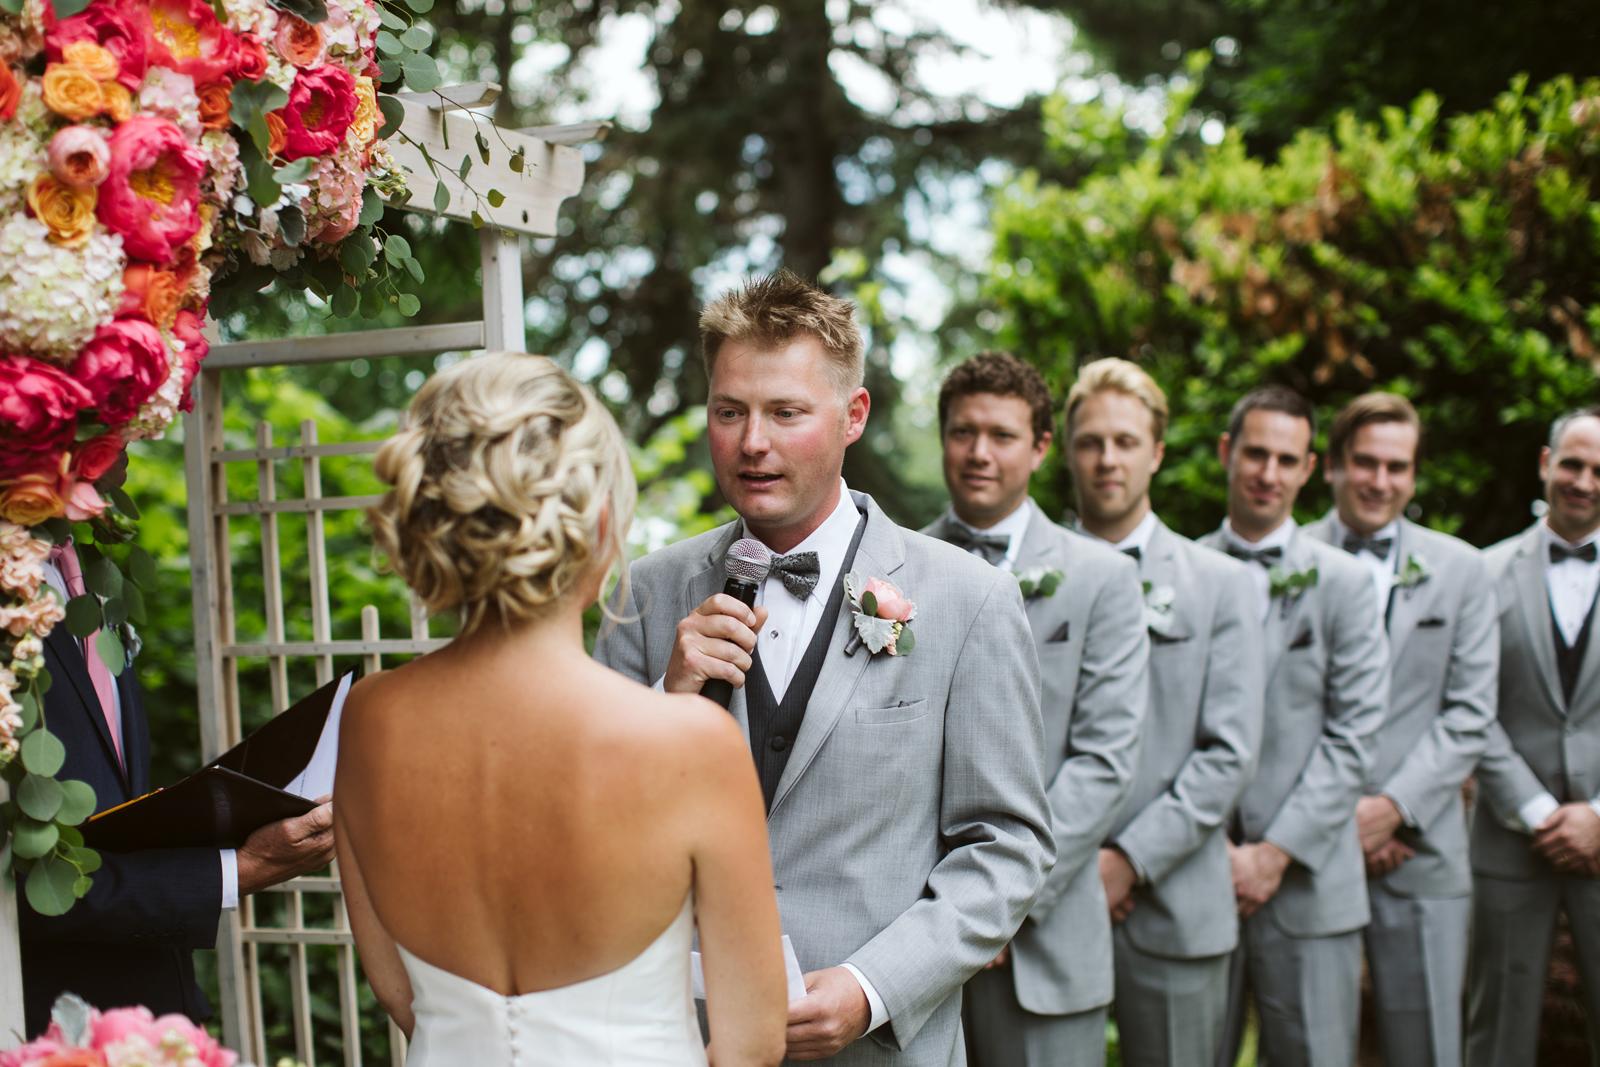 084-daronjackson-gabby-alec-wedding.jpg